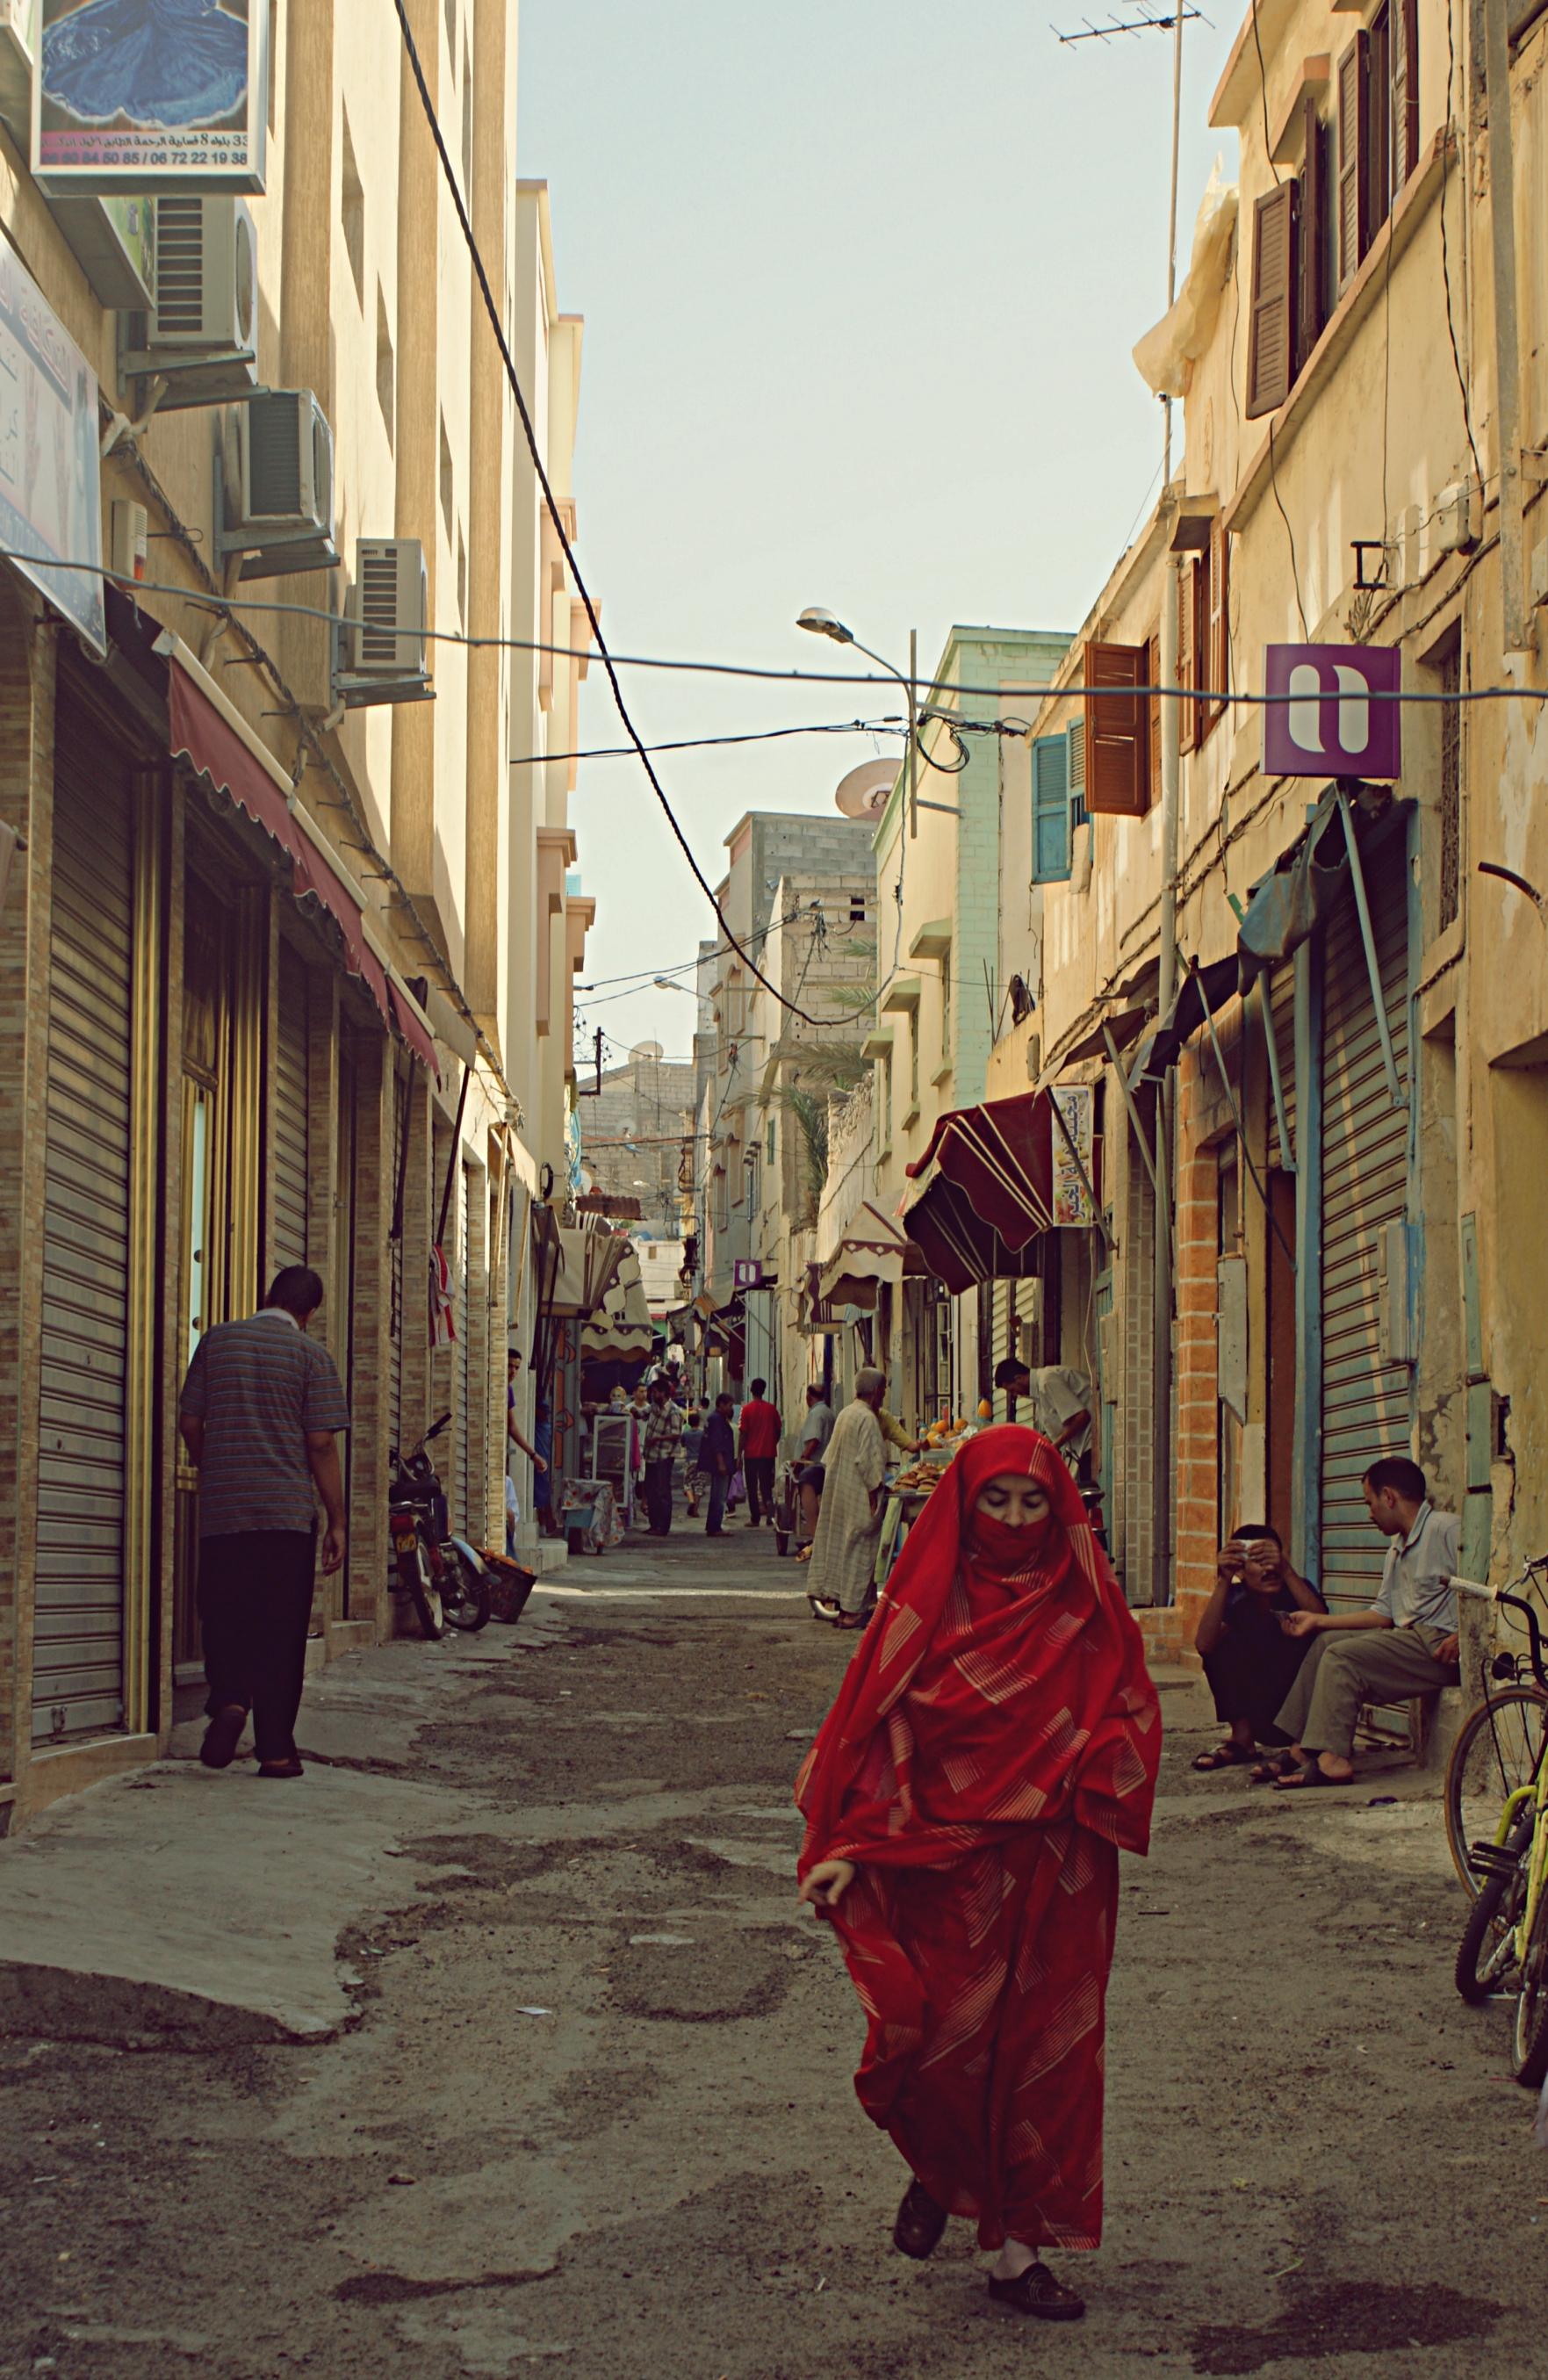 maroko_altertonative.JPG